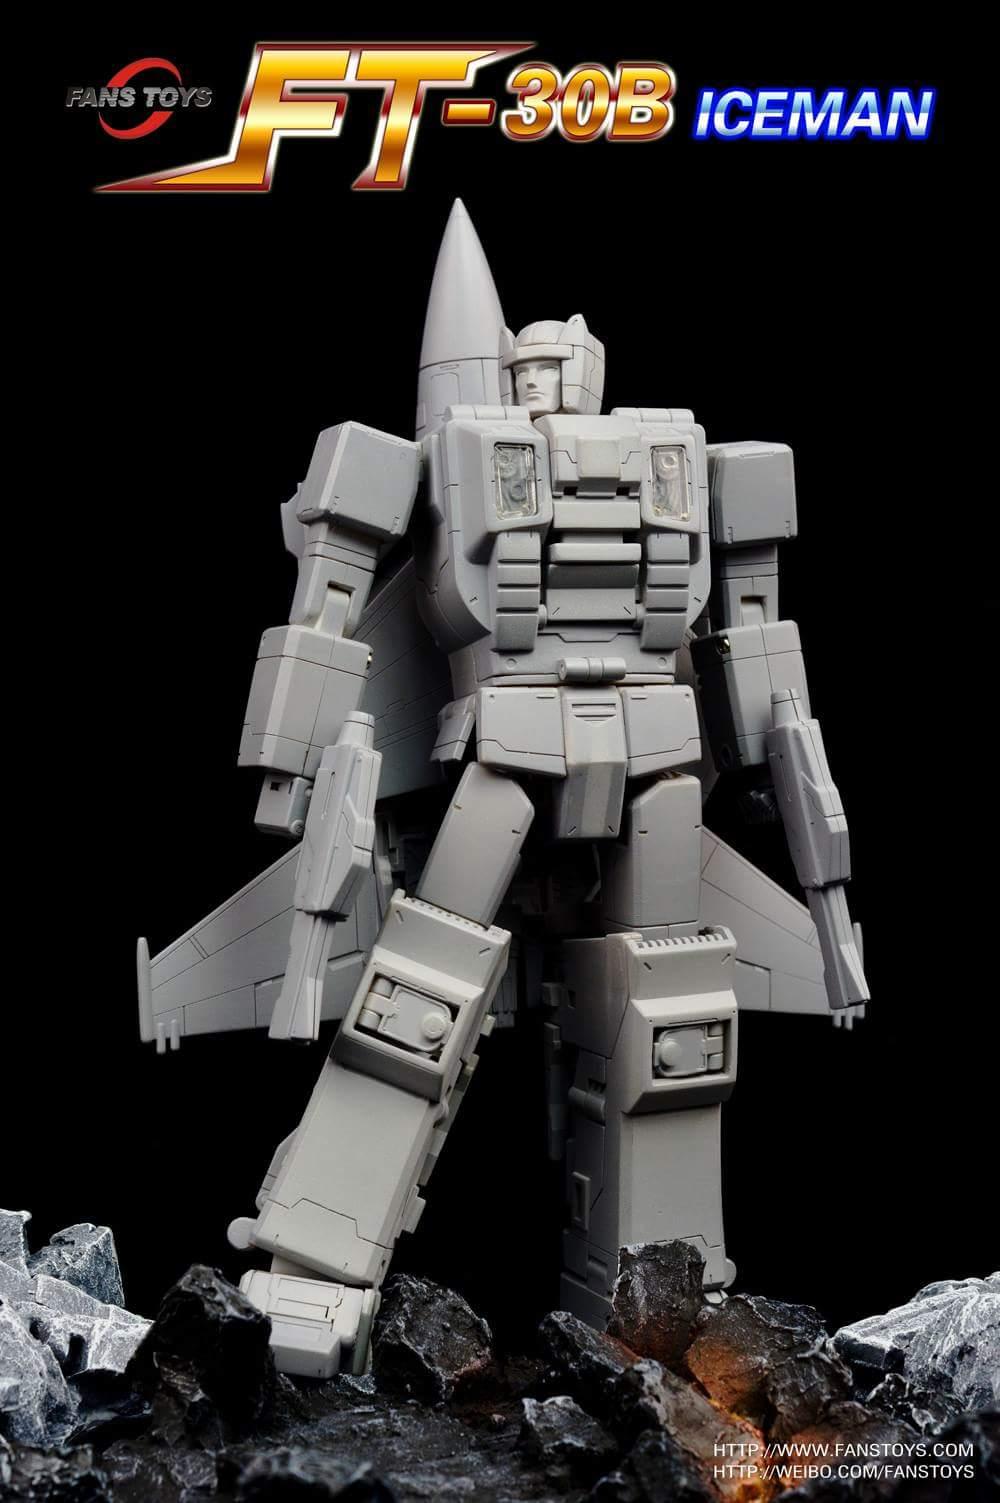 [Fanstoys] Produit Tiers - Jouet FT-30 Ethereaon (FT-30A à FT-30E) - aka Superion S5qf7jPc_o